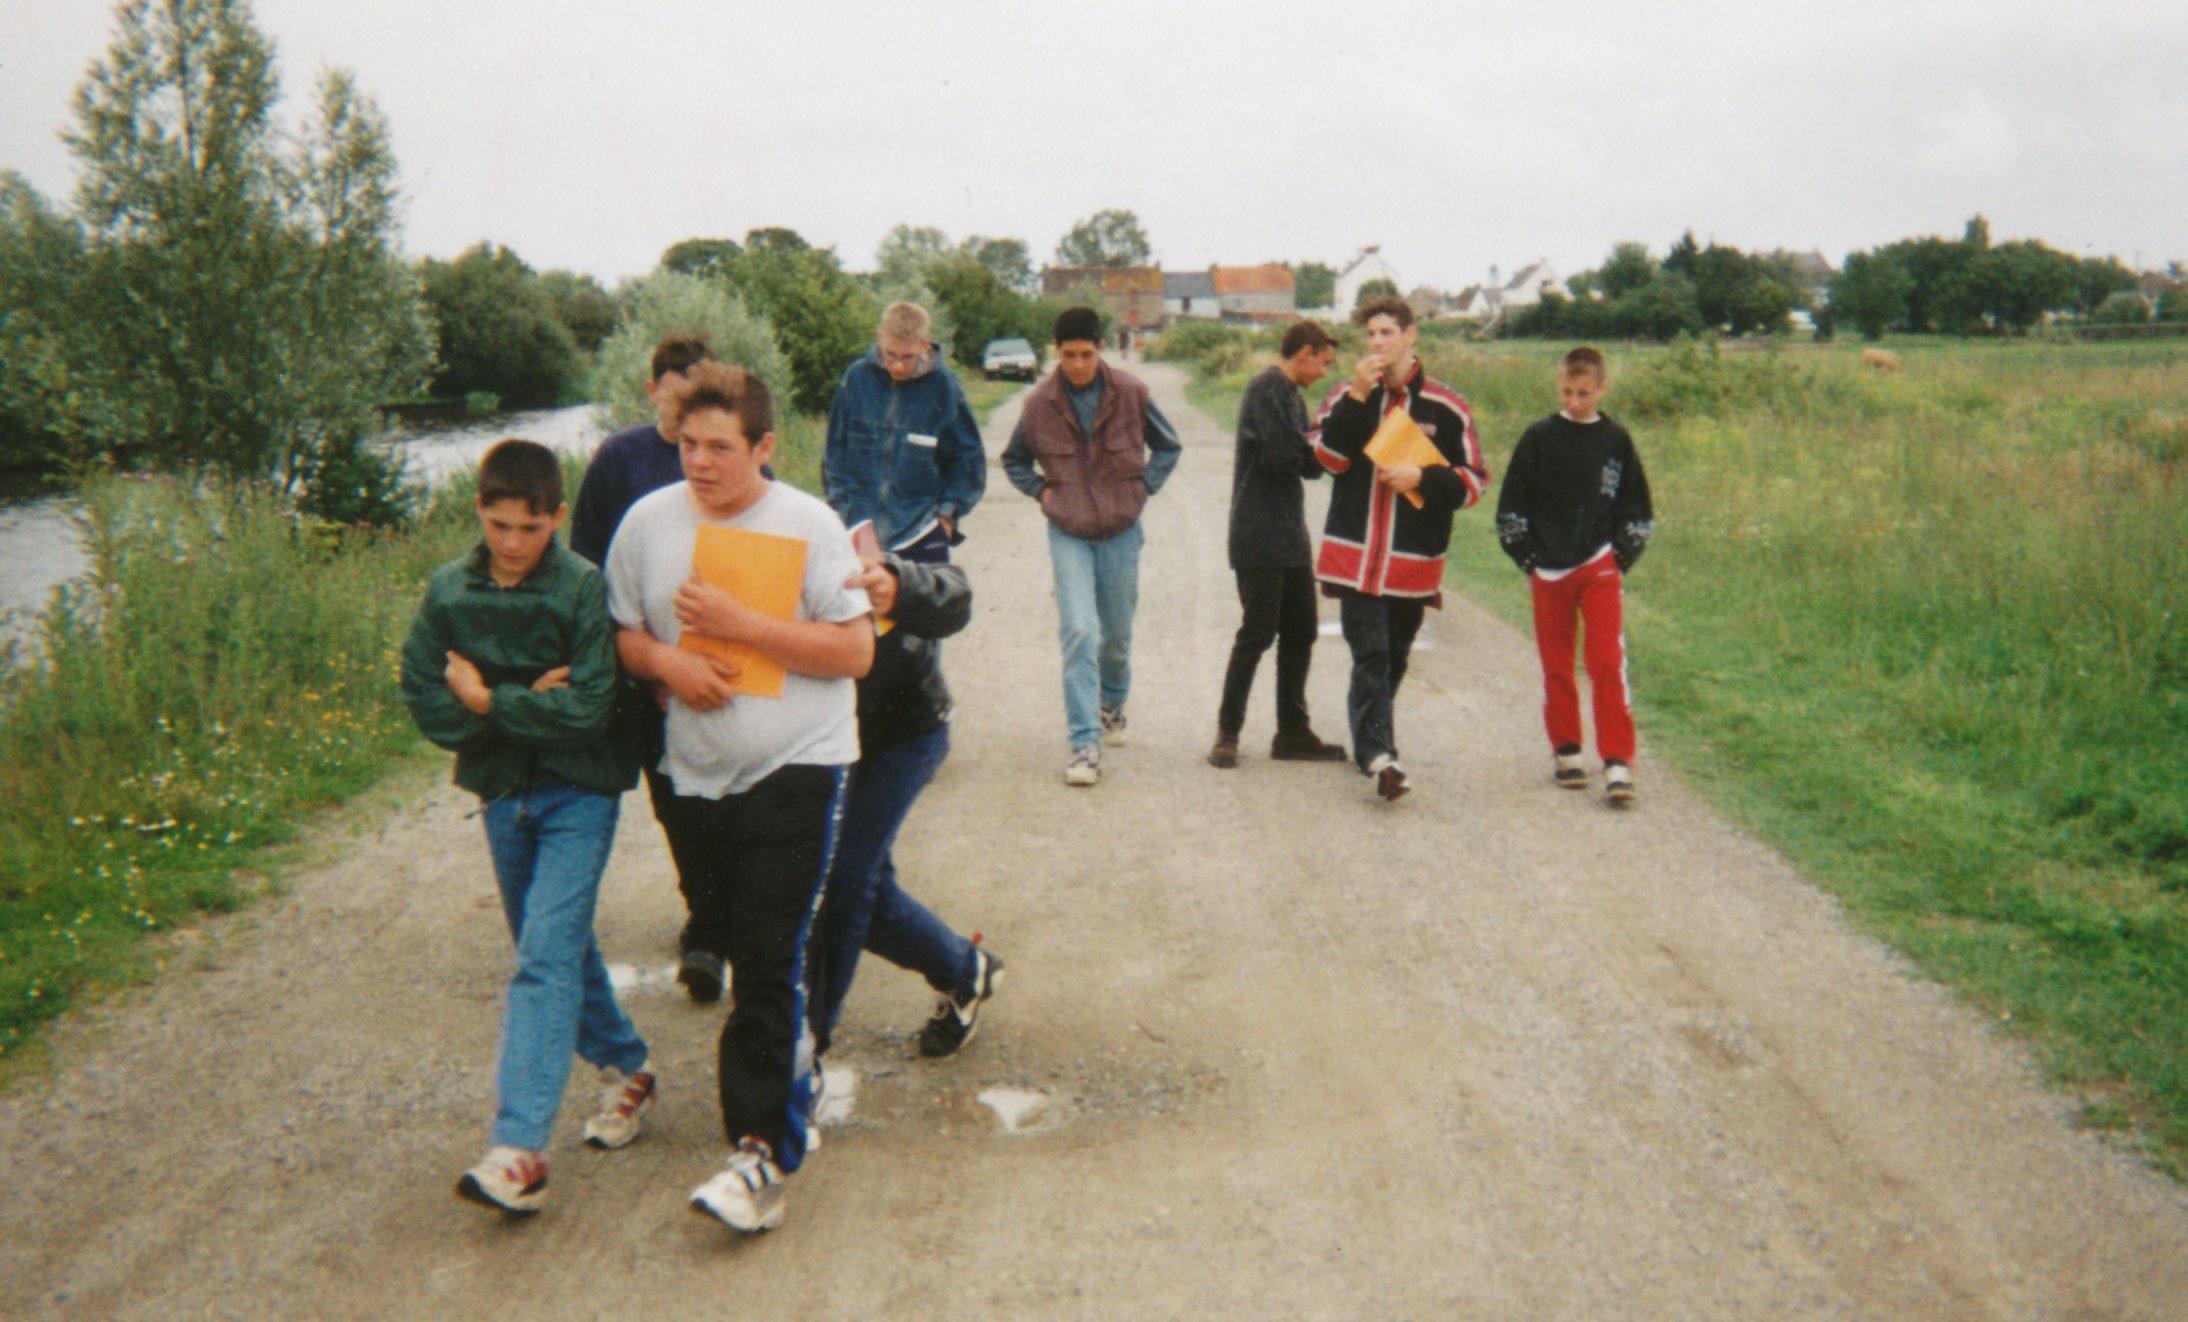 Archives anciens élèves mfr puy-sec 1996 5